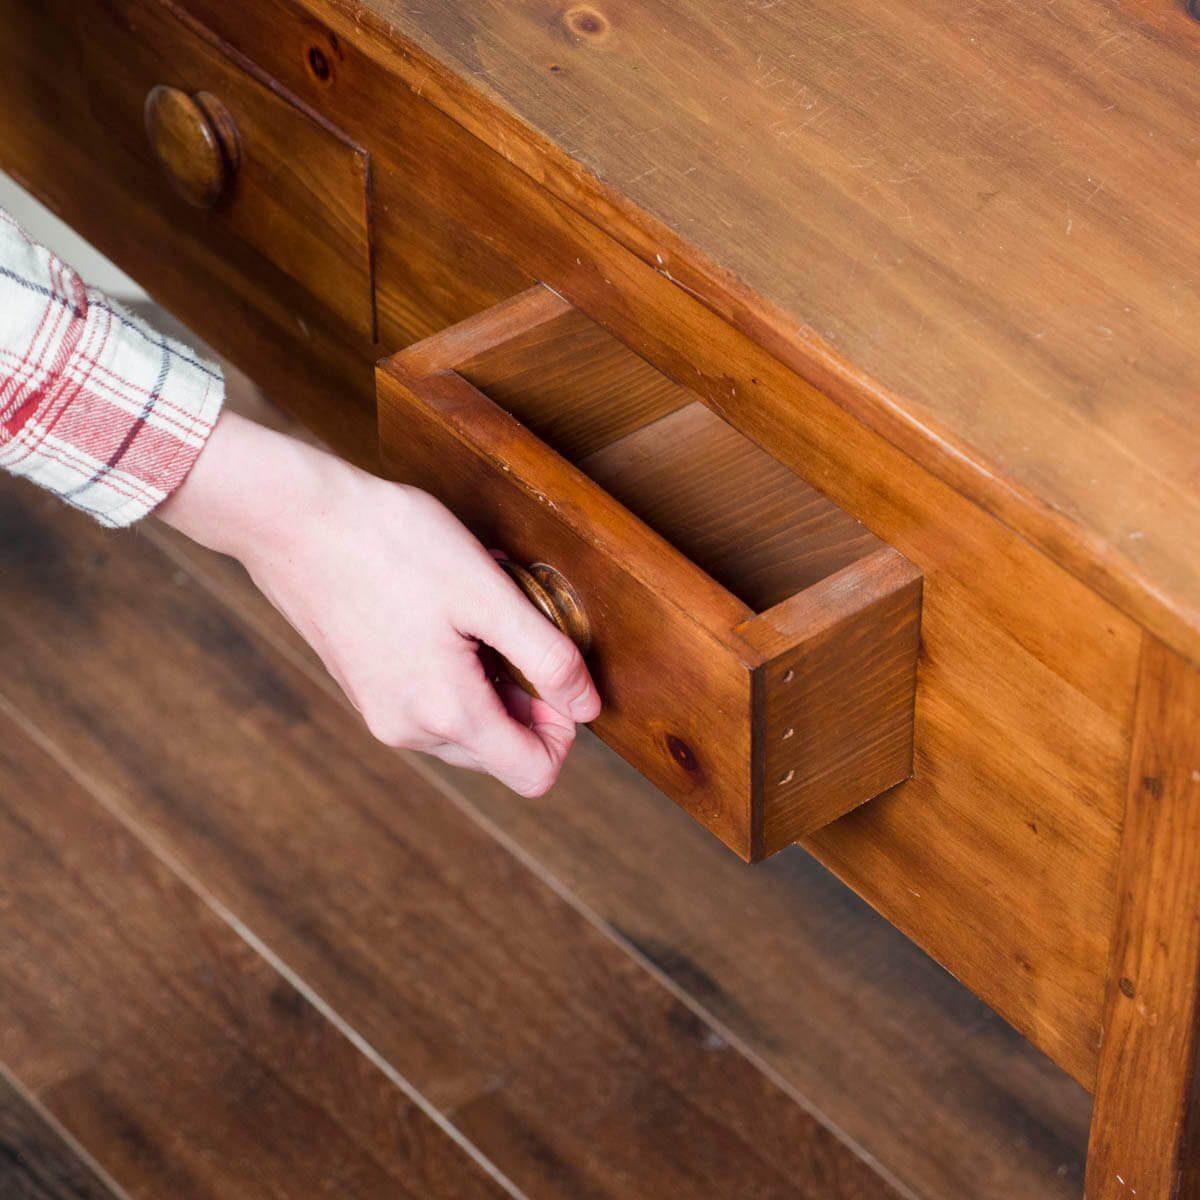 HH sticking drawer